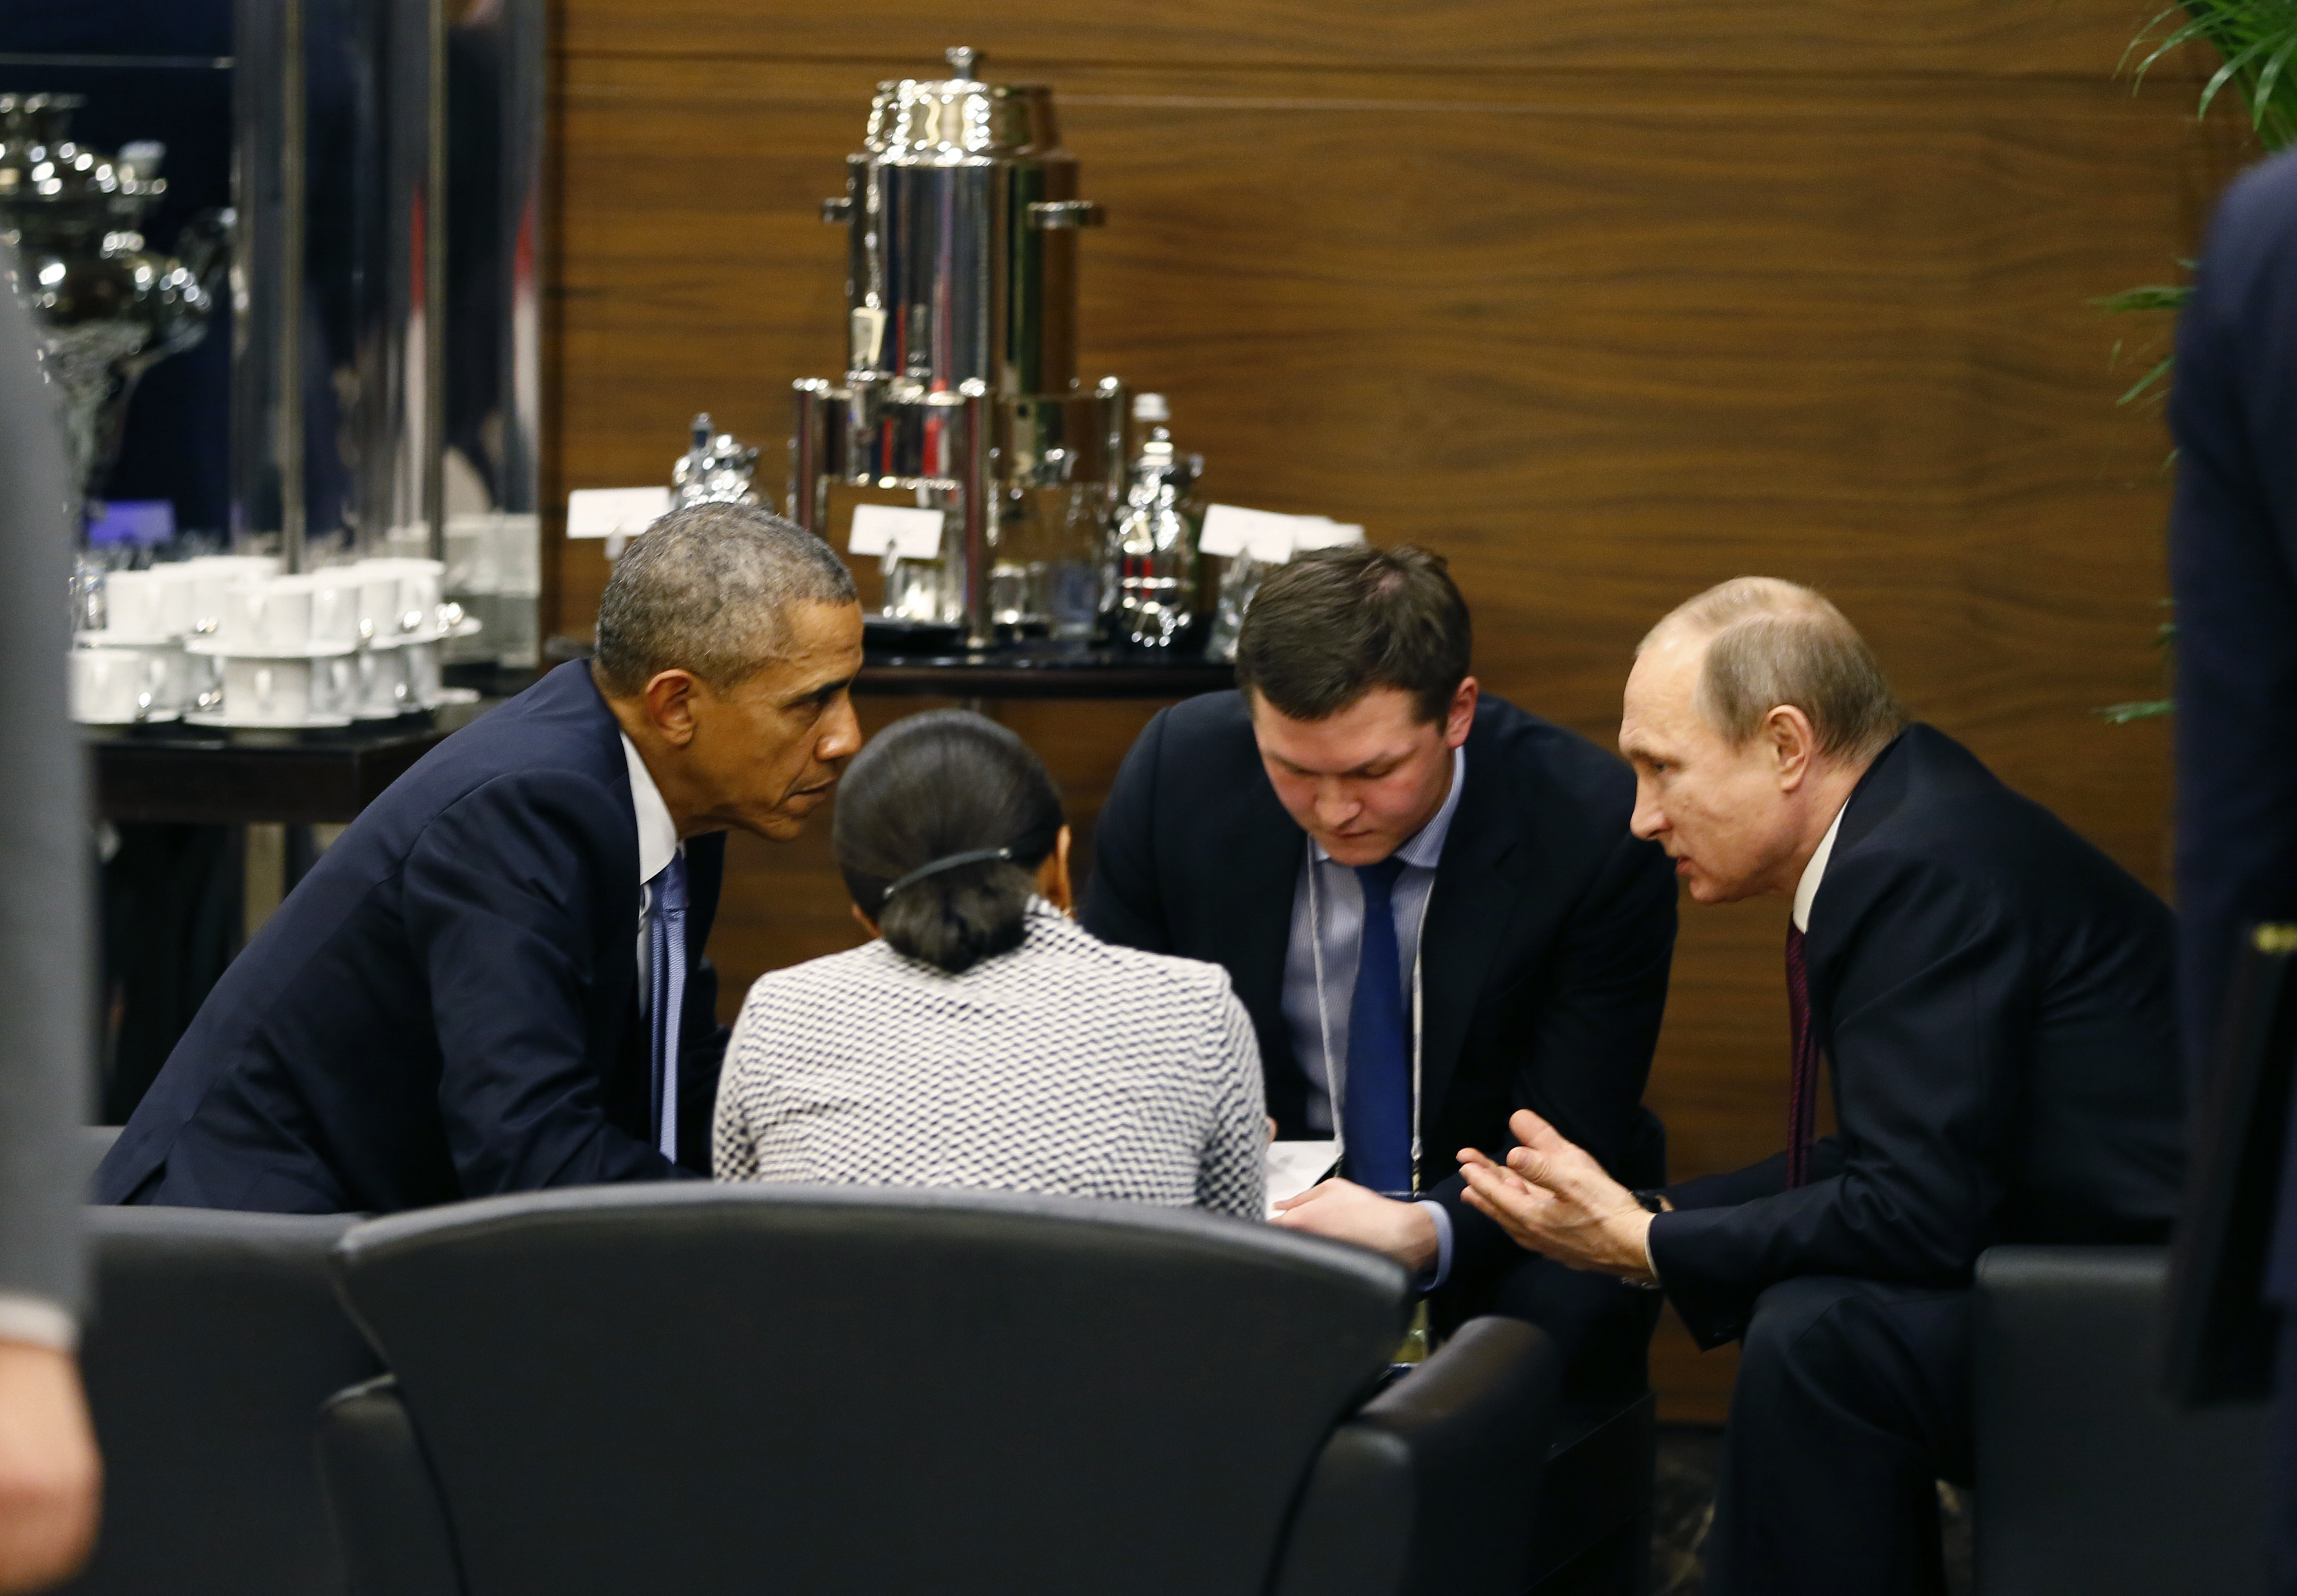 Барак Обама и Владимир Путин по време на срещата на G20 в Анталия, Турция.